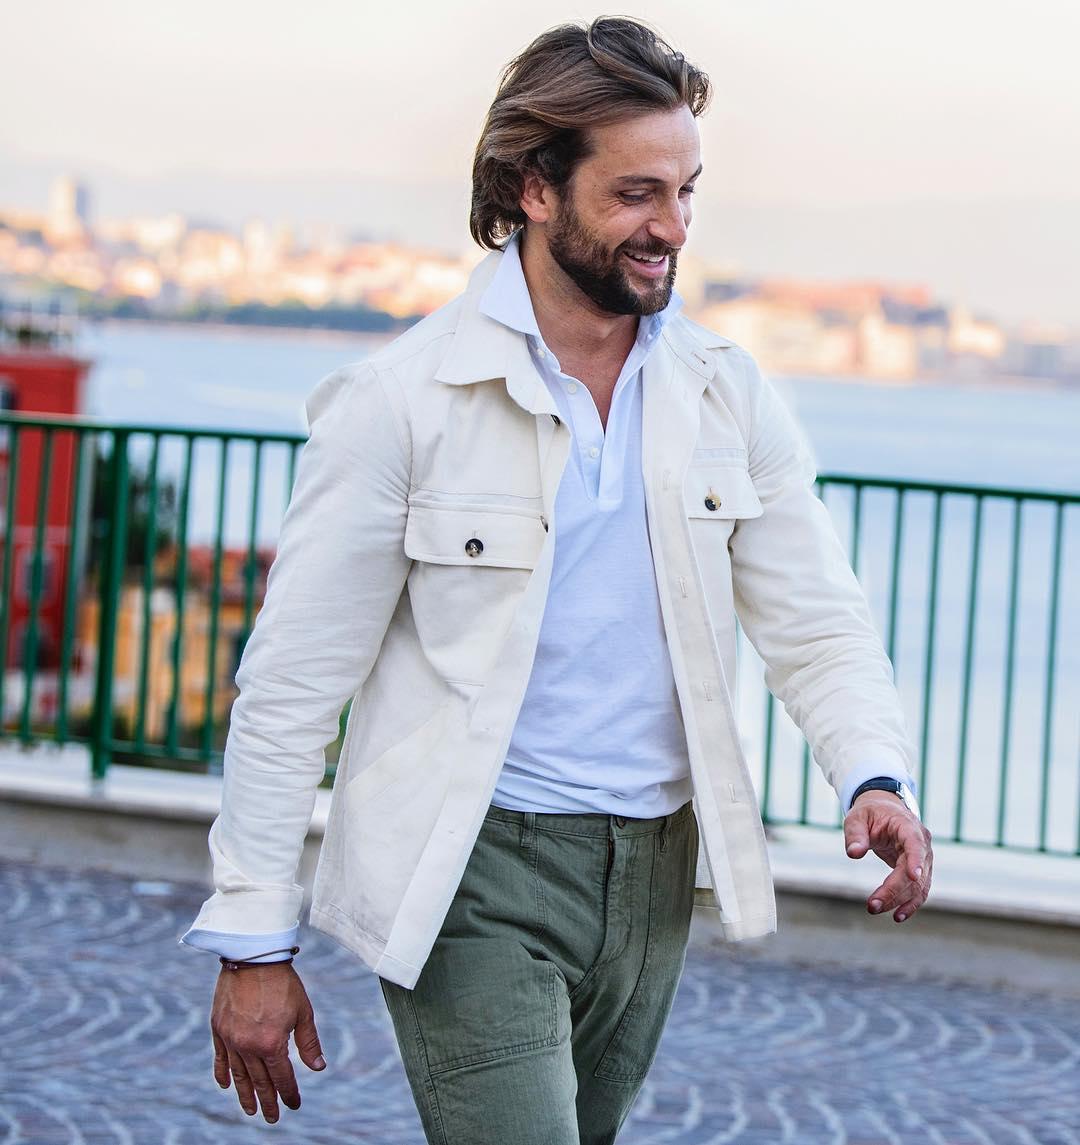 A la place de la solution radicale du t-shirt on peut remplacer la chemise par un polo sous une veste. Le polo doit alors être à manches longues. Source : Danilo Carnevale